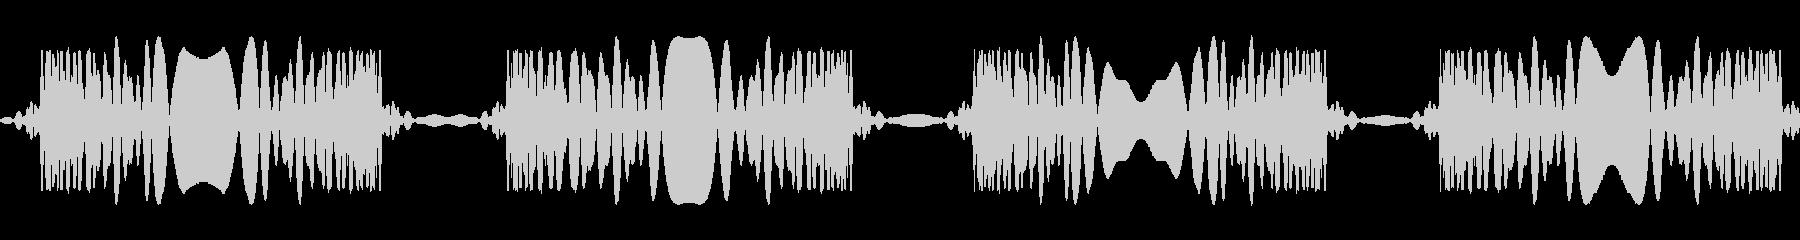 レコードスクラッチ4回:ジュクジュクの未再生の波形